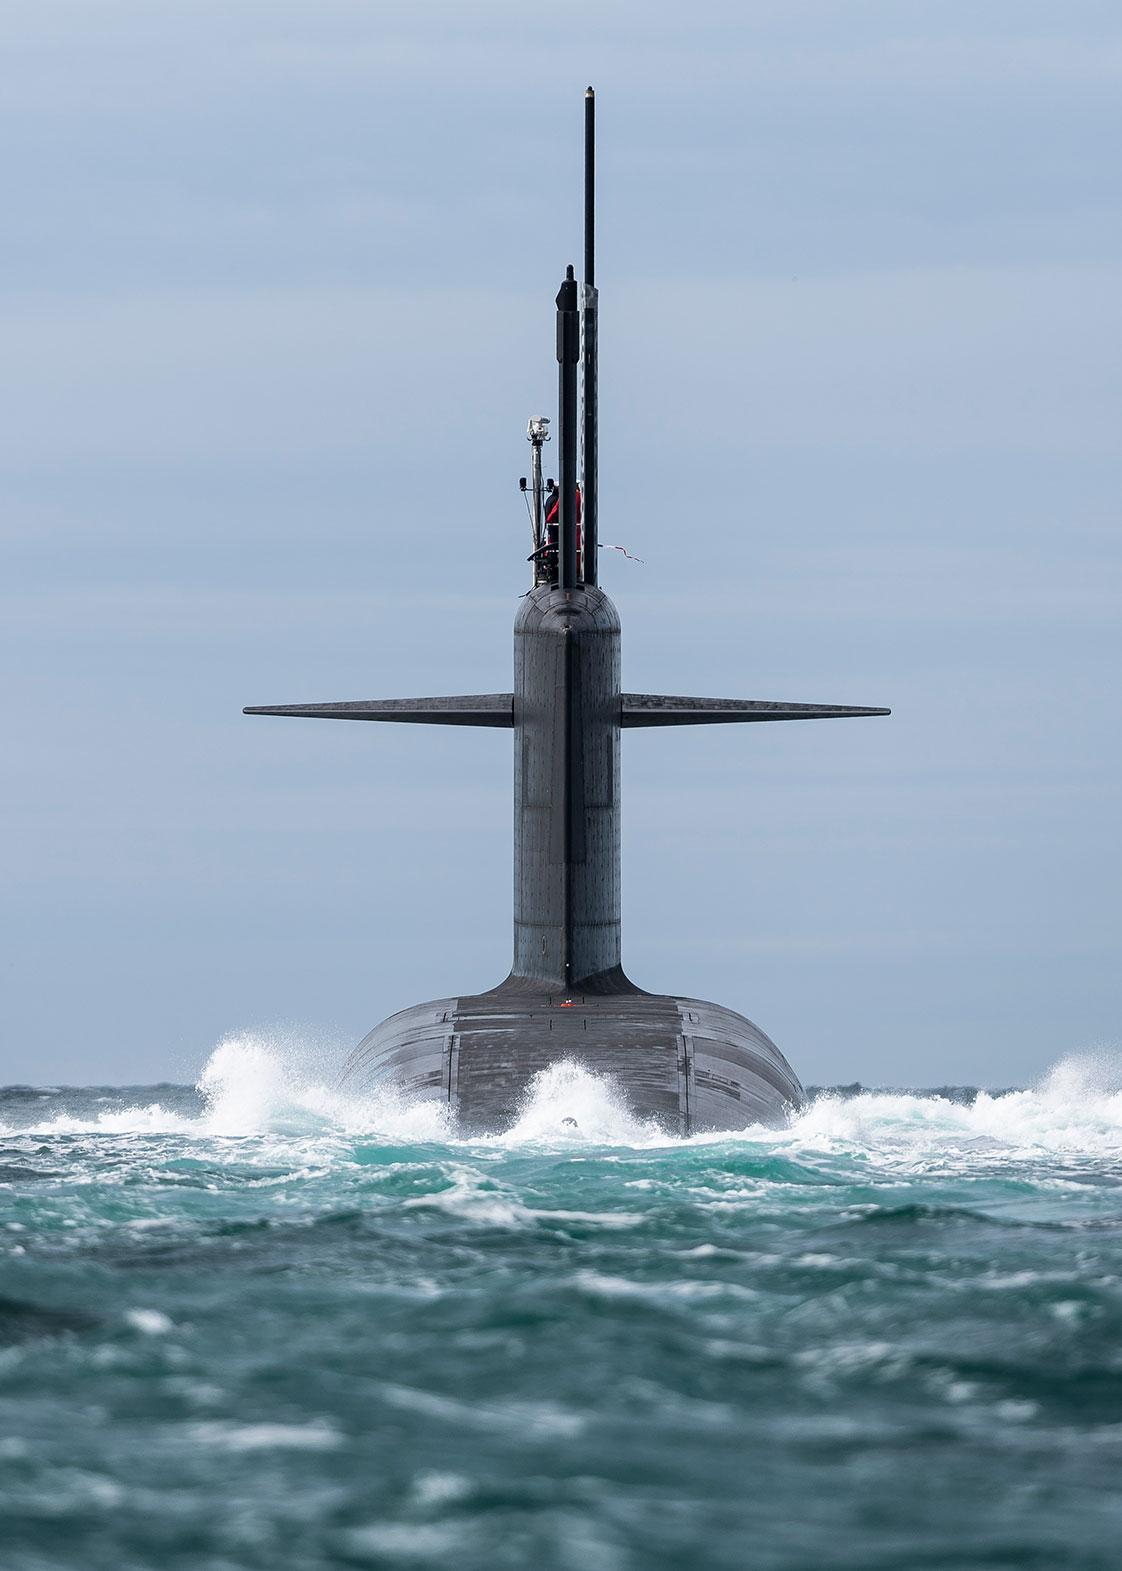 photographie d'un sous-marin en mer